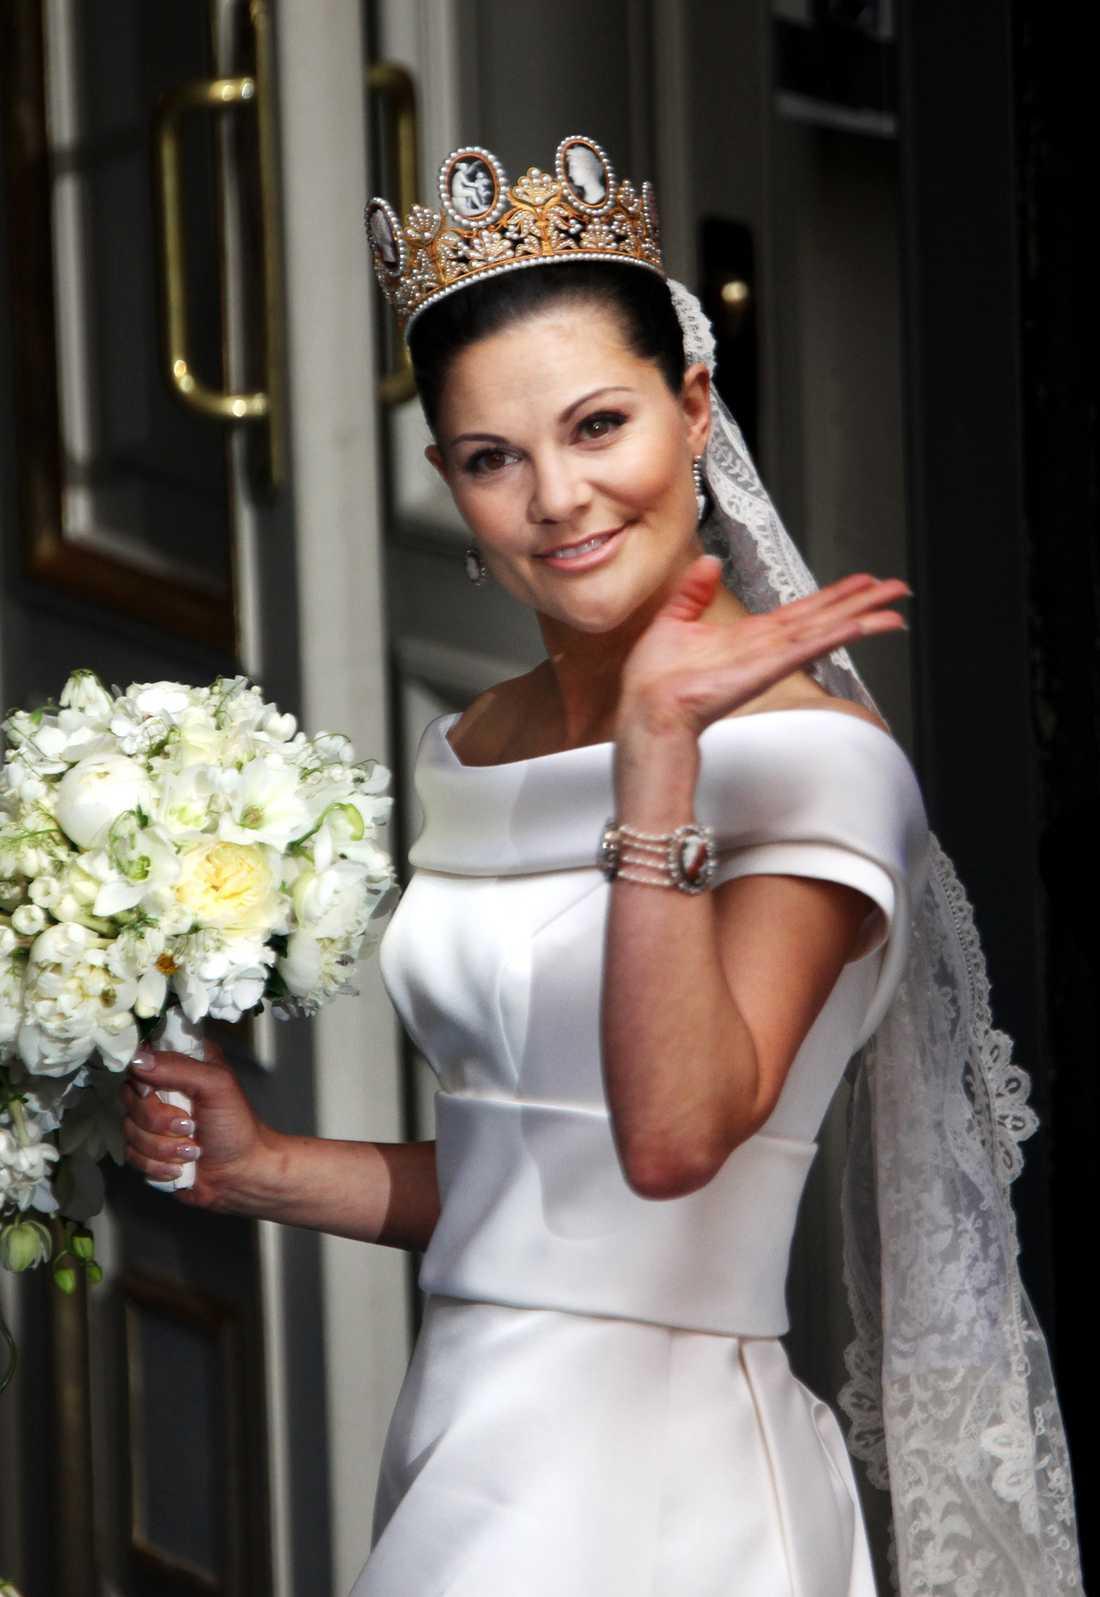 Inspirationsbild Kronprinsessan Victoria i sin brudklänning designad av Pär Engsheden.